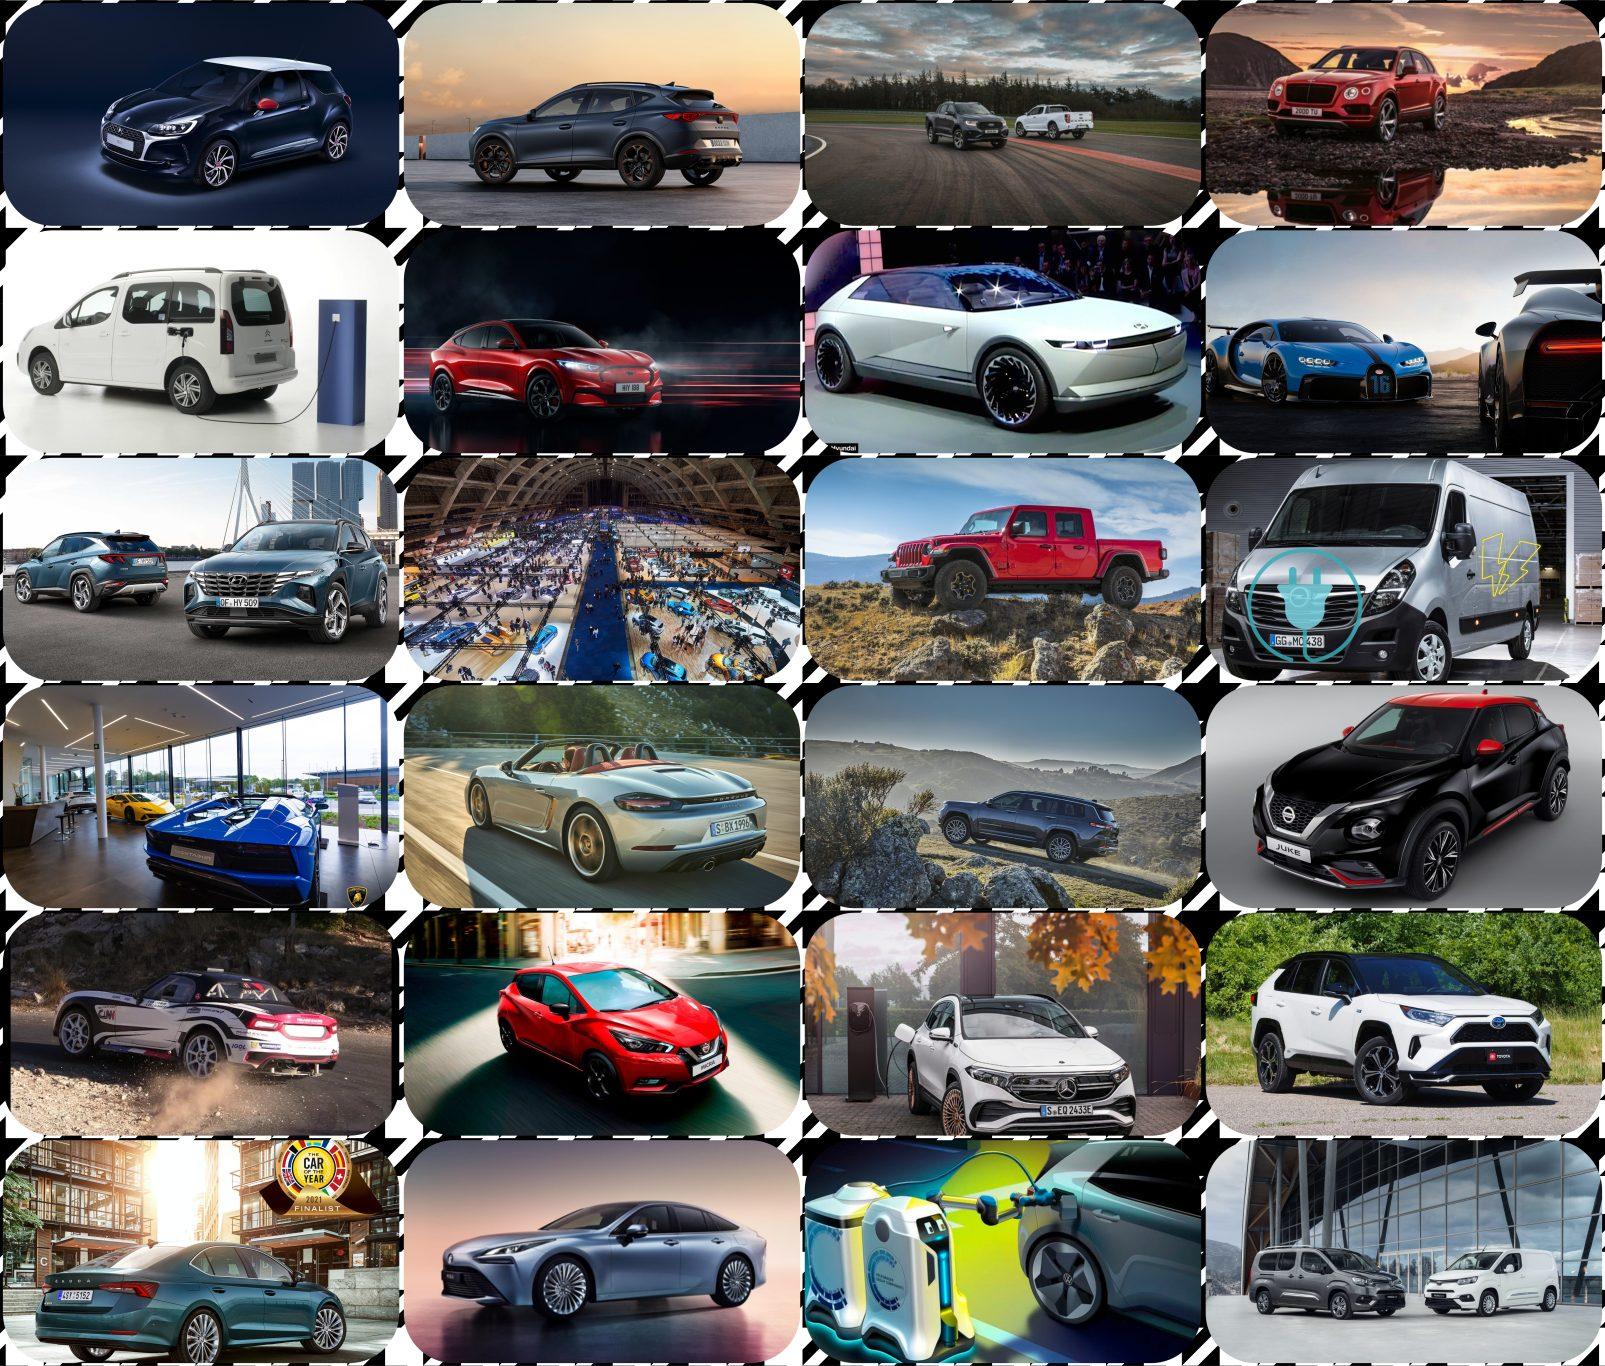 LES BREVES d' AUTO 4×4 EN ROUES LIBRES : décembre 2020-Janvier 2021